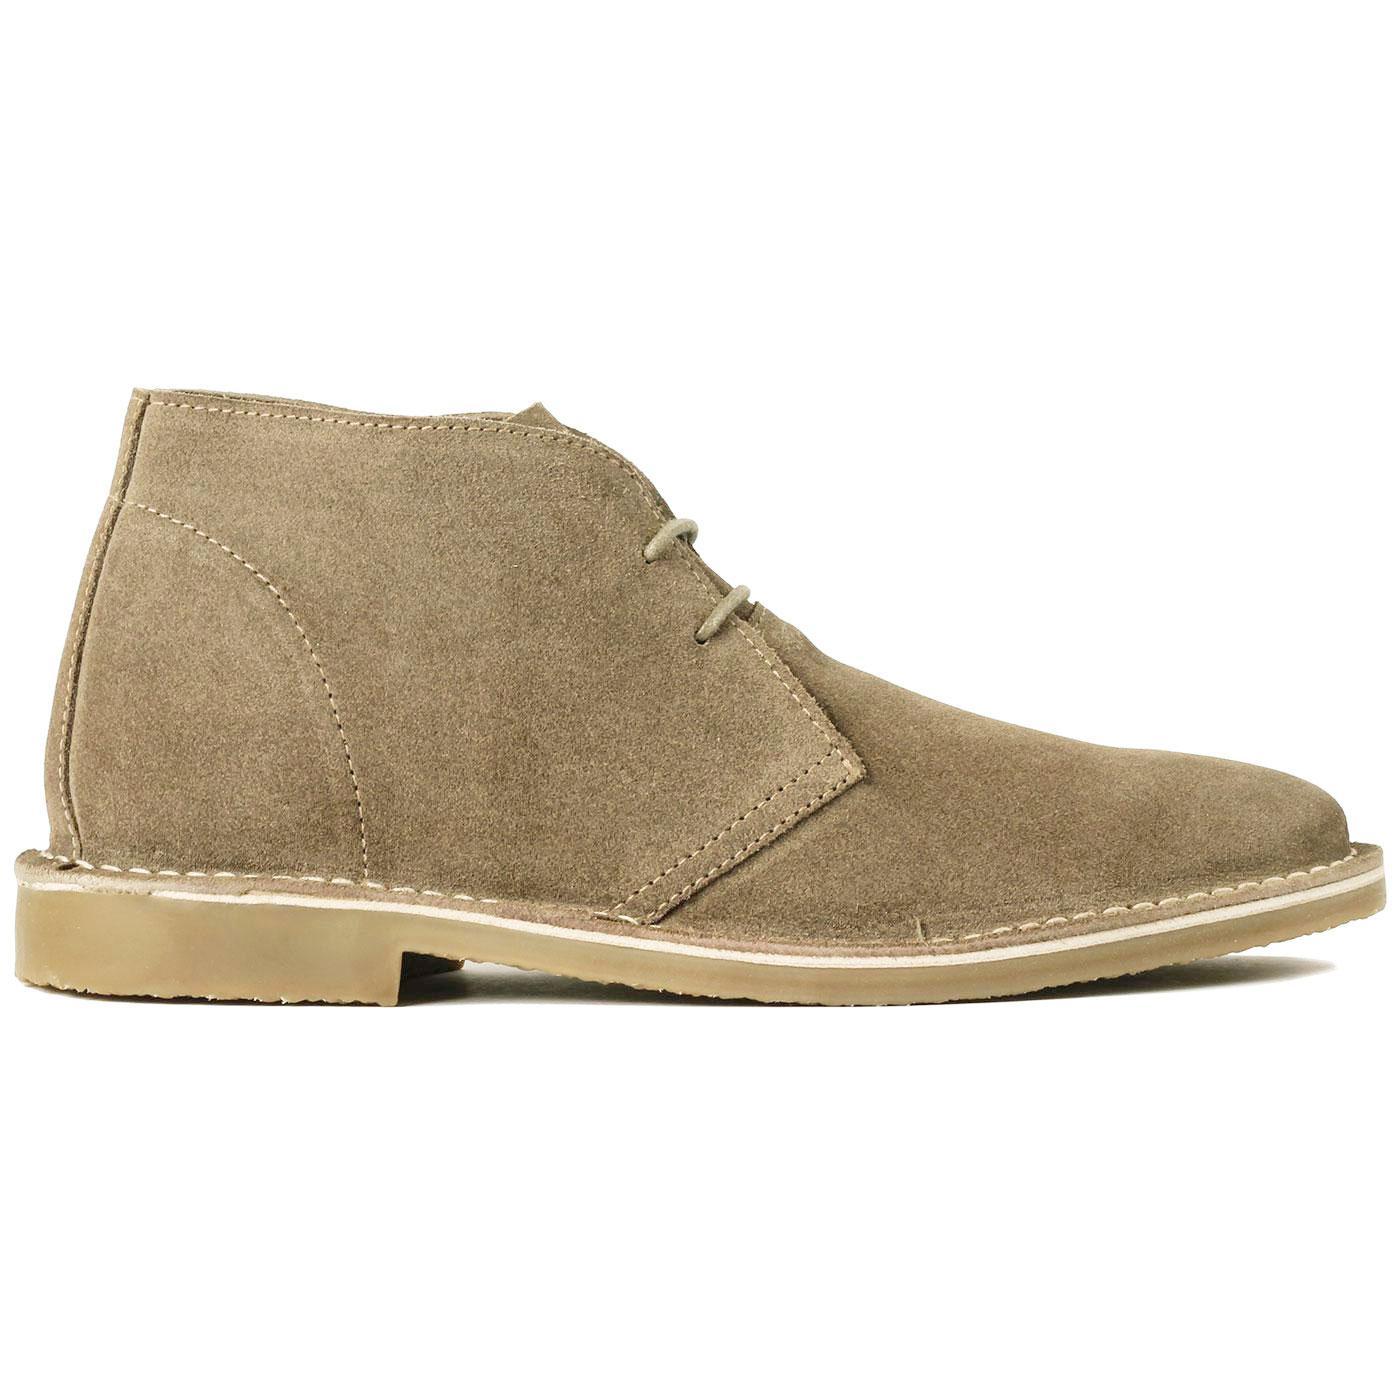 Madcap England Meaden Men's 1960s Mod Suede Desert Boots in Brown